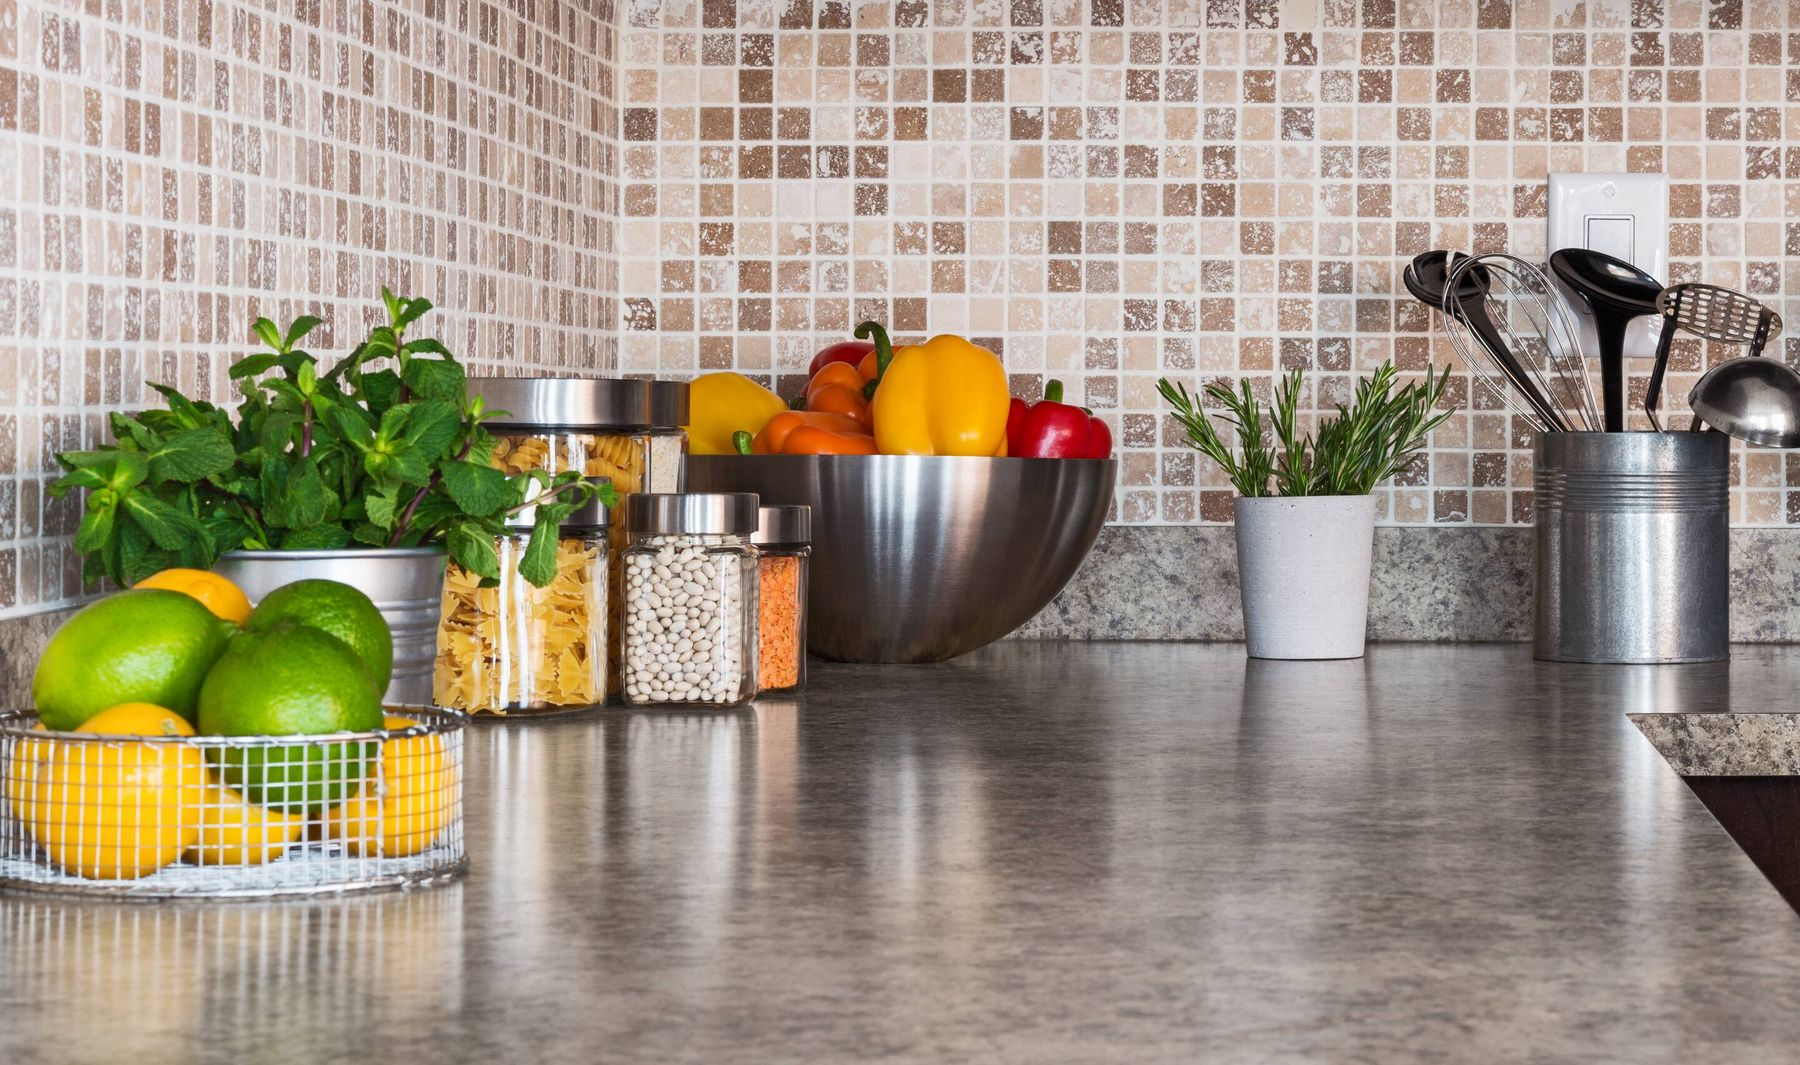 khử mùi nhà bếp tạo không gian hương thơm mùi trà xanh sạch khuẩn